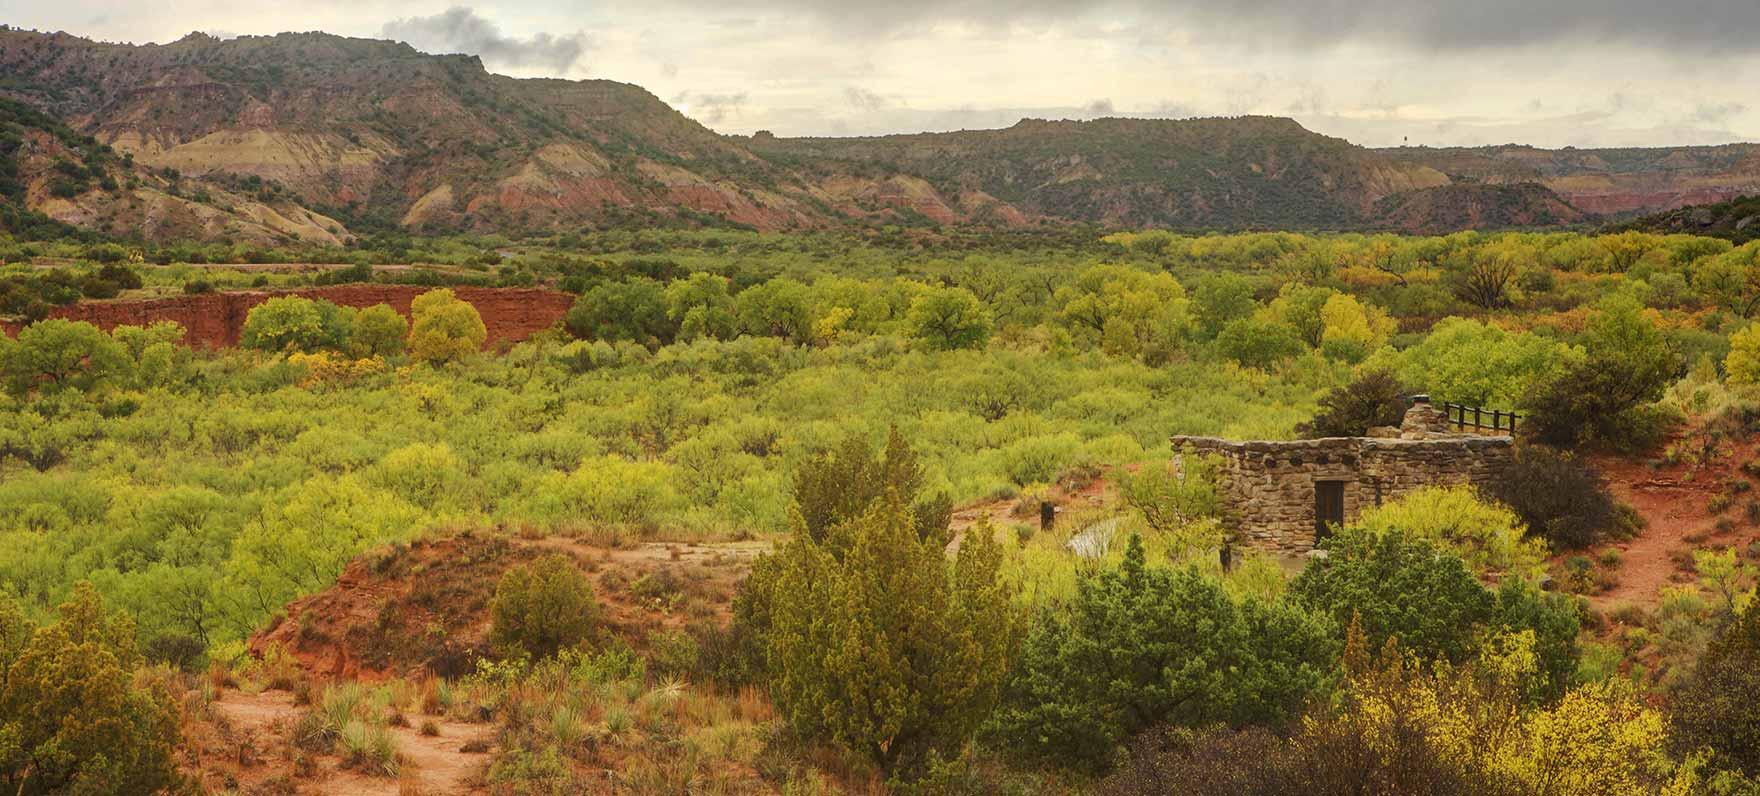 Palo Duro Canyon State Park — Texas Parks & Wildlife ...